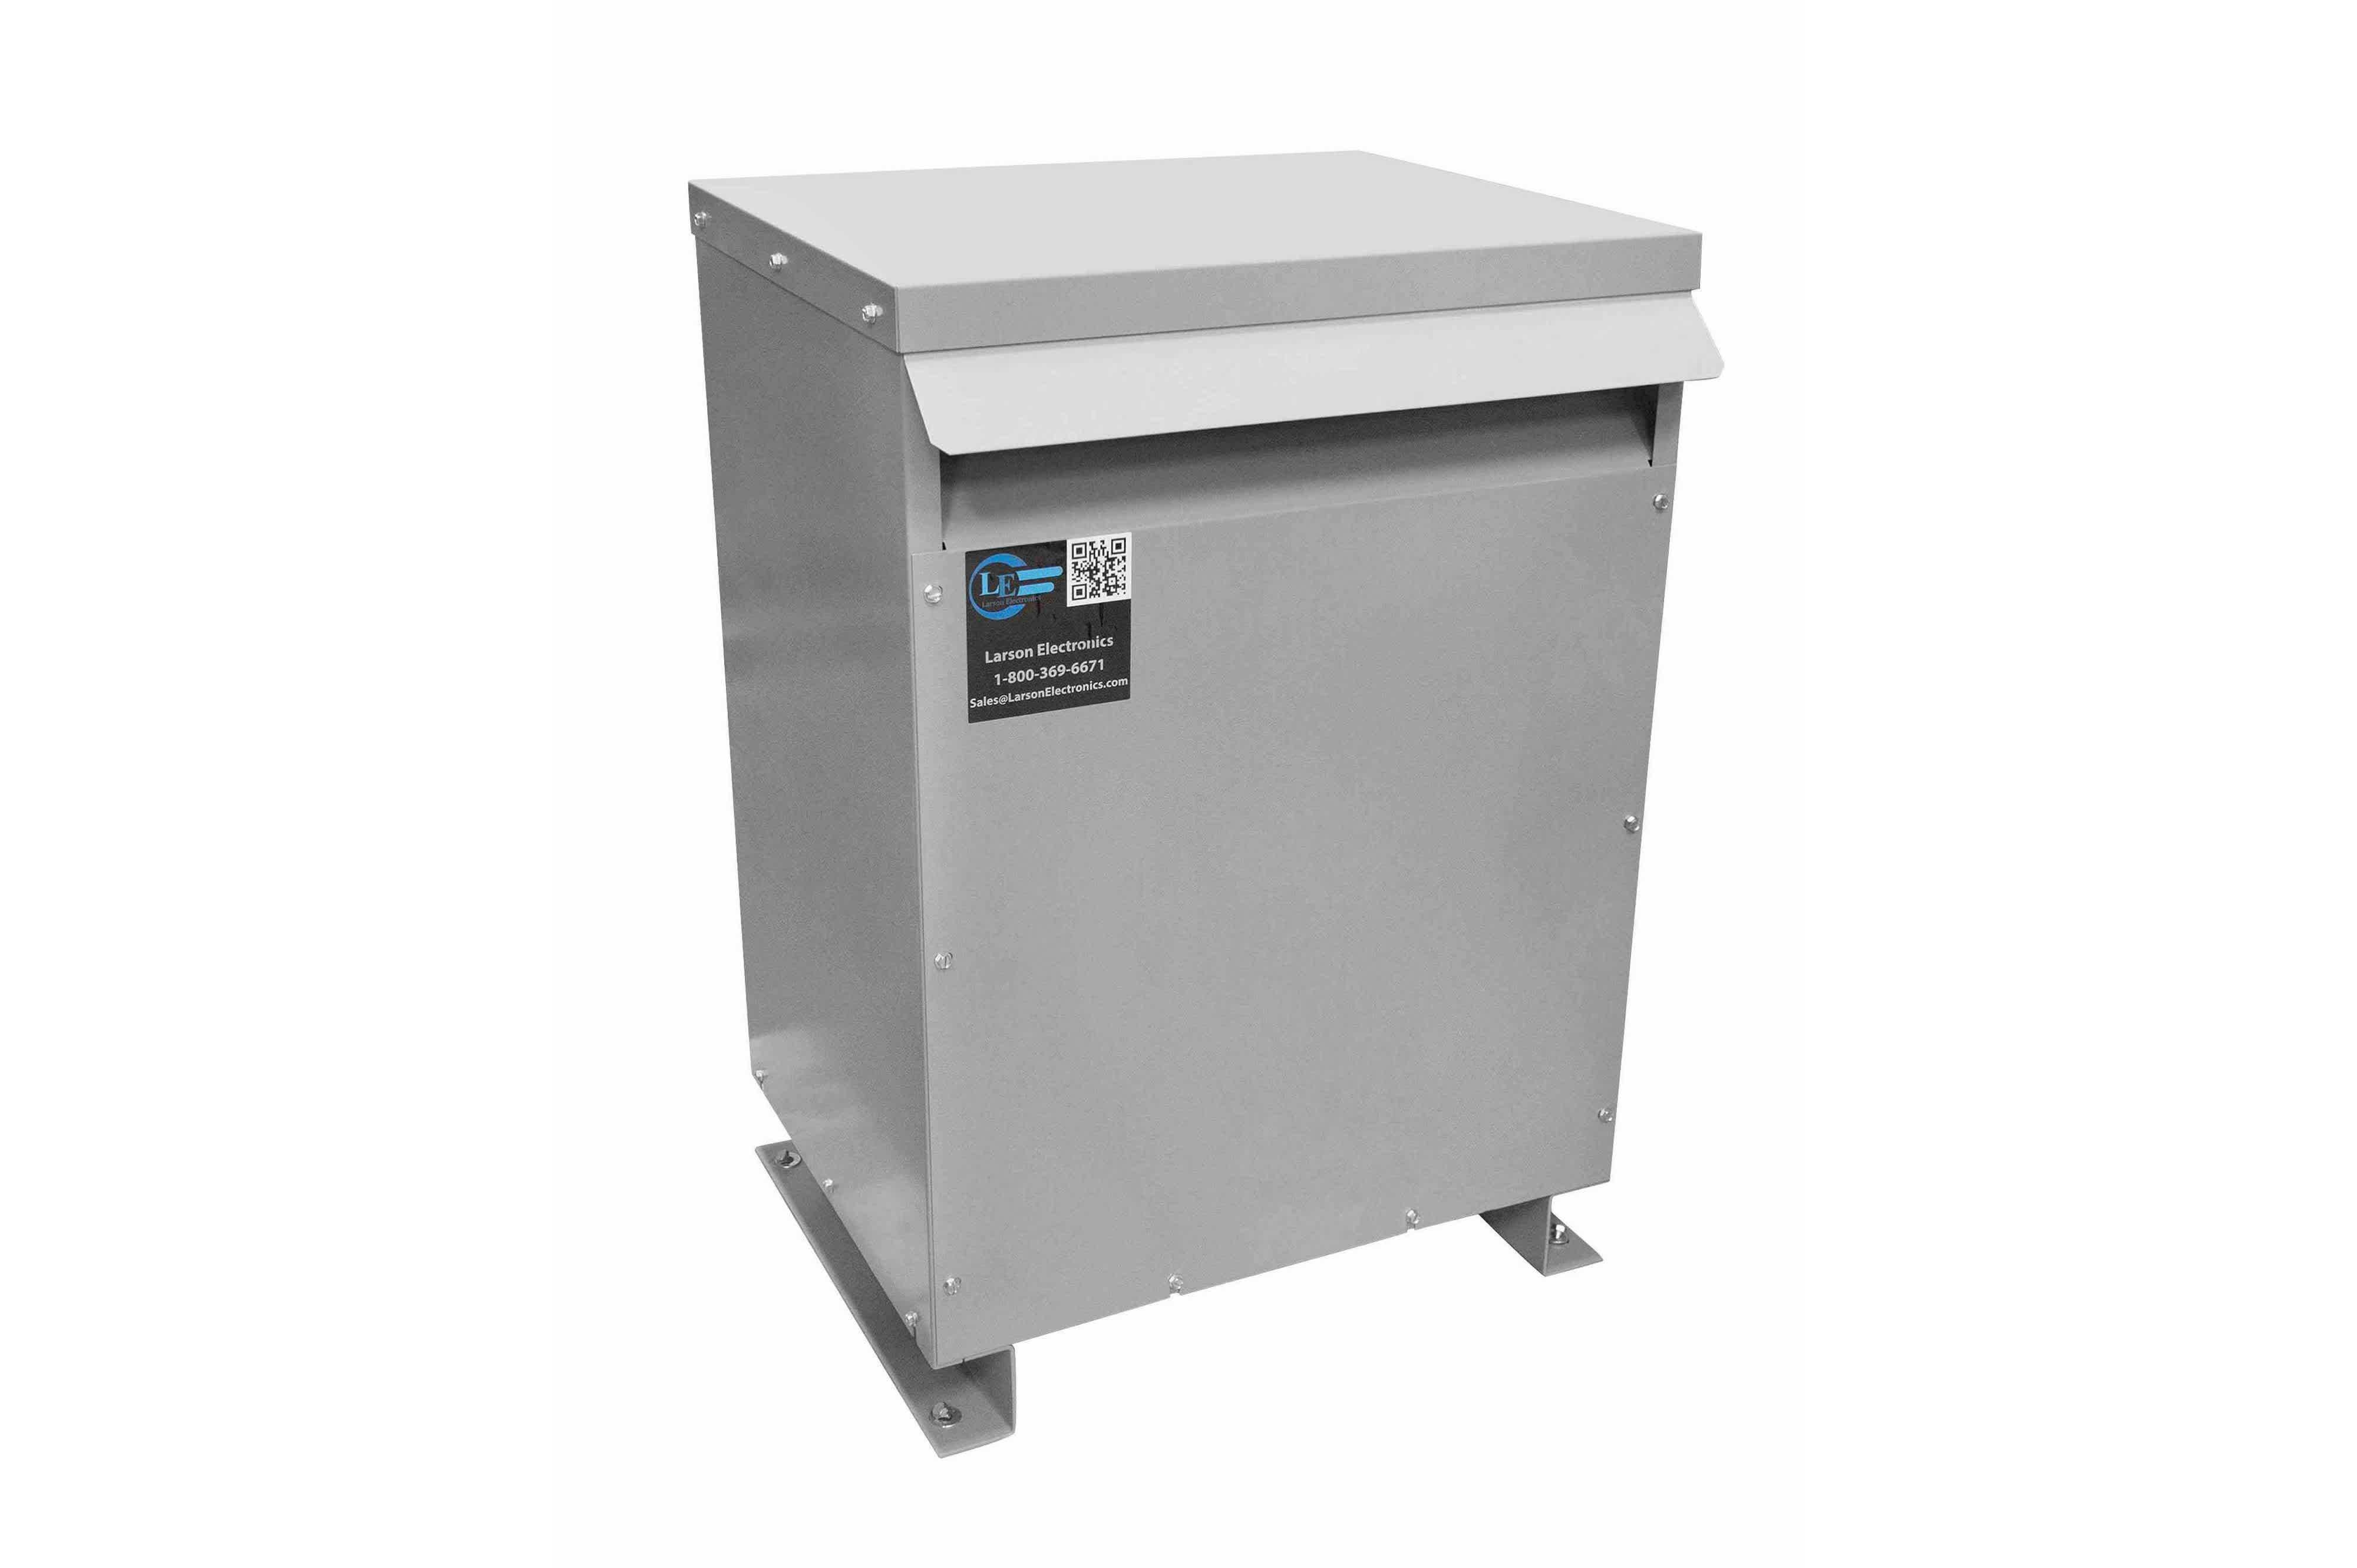 65 kVA 3PH Isolation Transformer, 240V Delta Primary, 400V Delta Secondary, N3R, Ventilated, 60 Hz